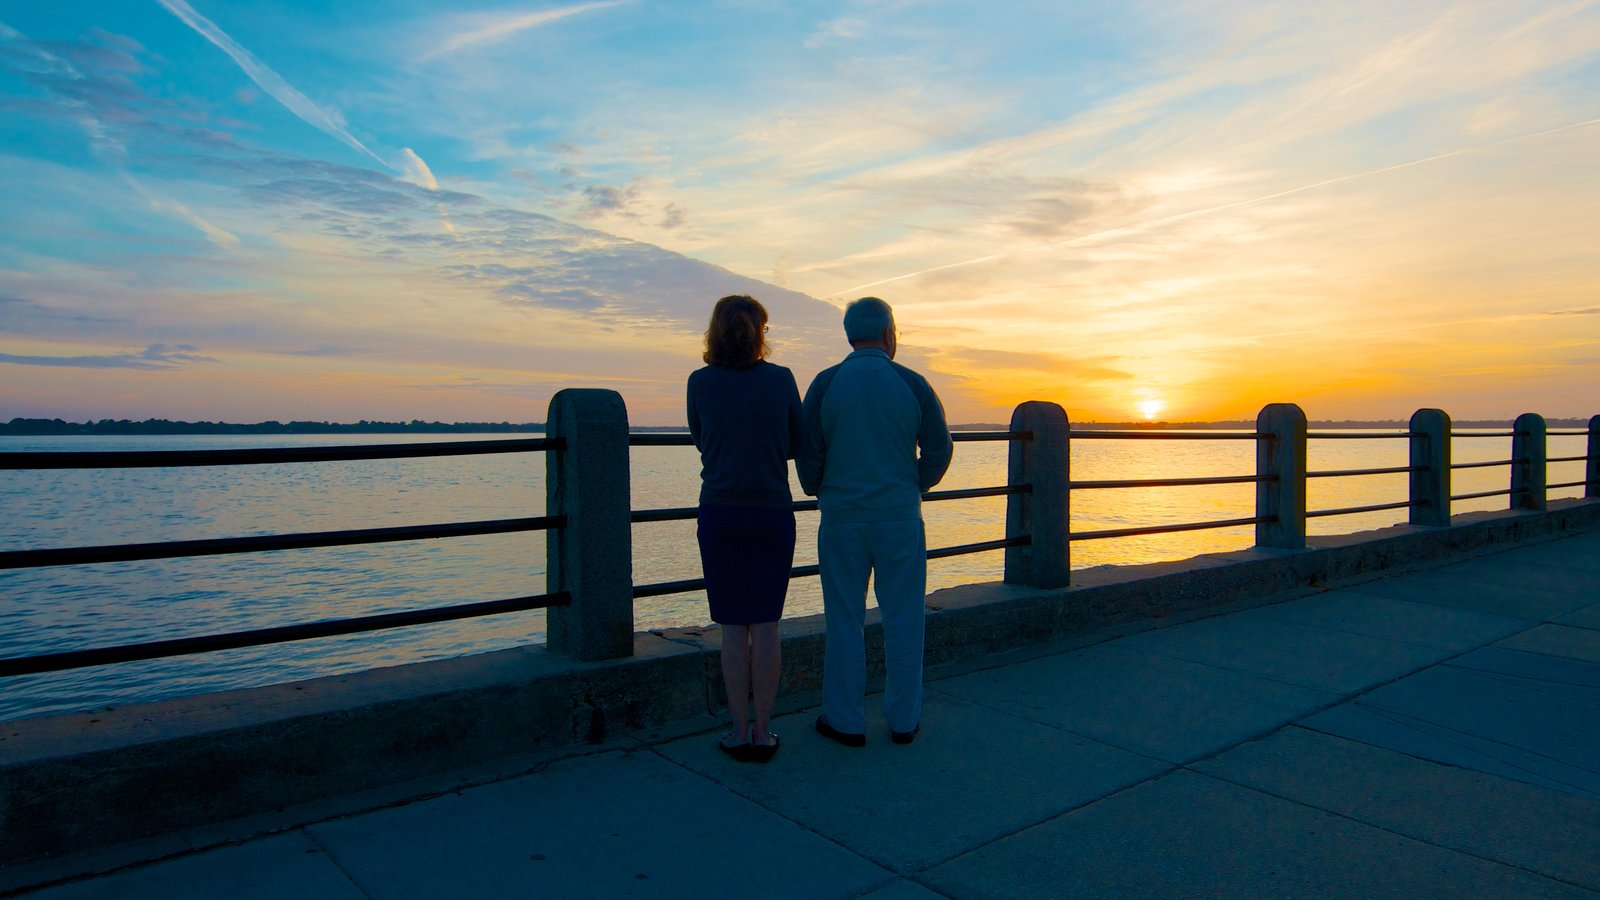 Charleston Waterfront Park caracterizando um pôr do sol e paisagens litorâneas assim como um casal